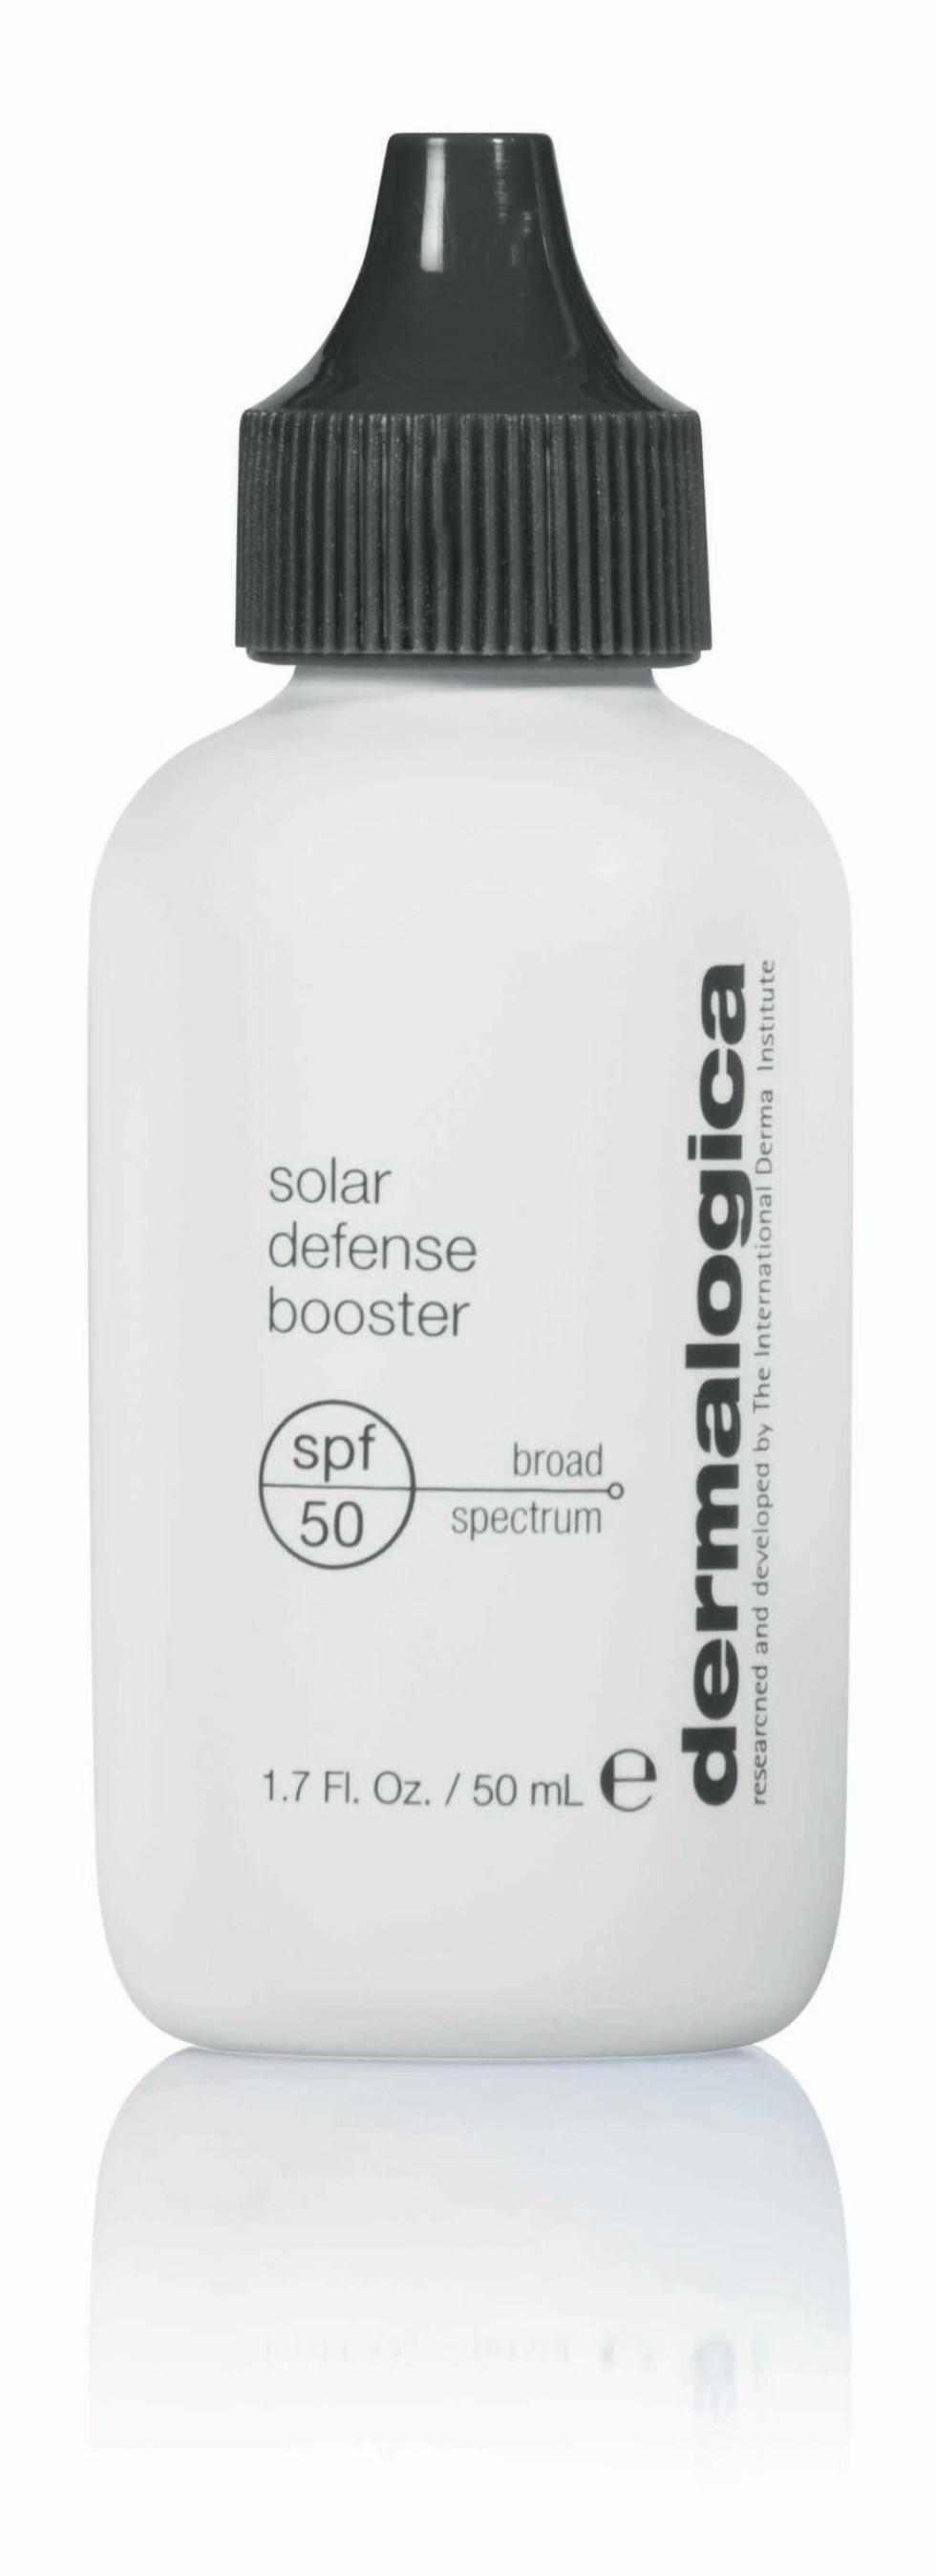 Solar Defense Booster fra Dermalogica, SPF 50, kr 590. Foto: Produsenten